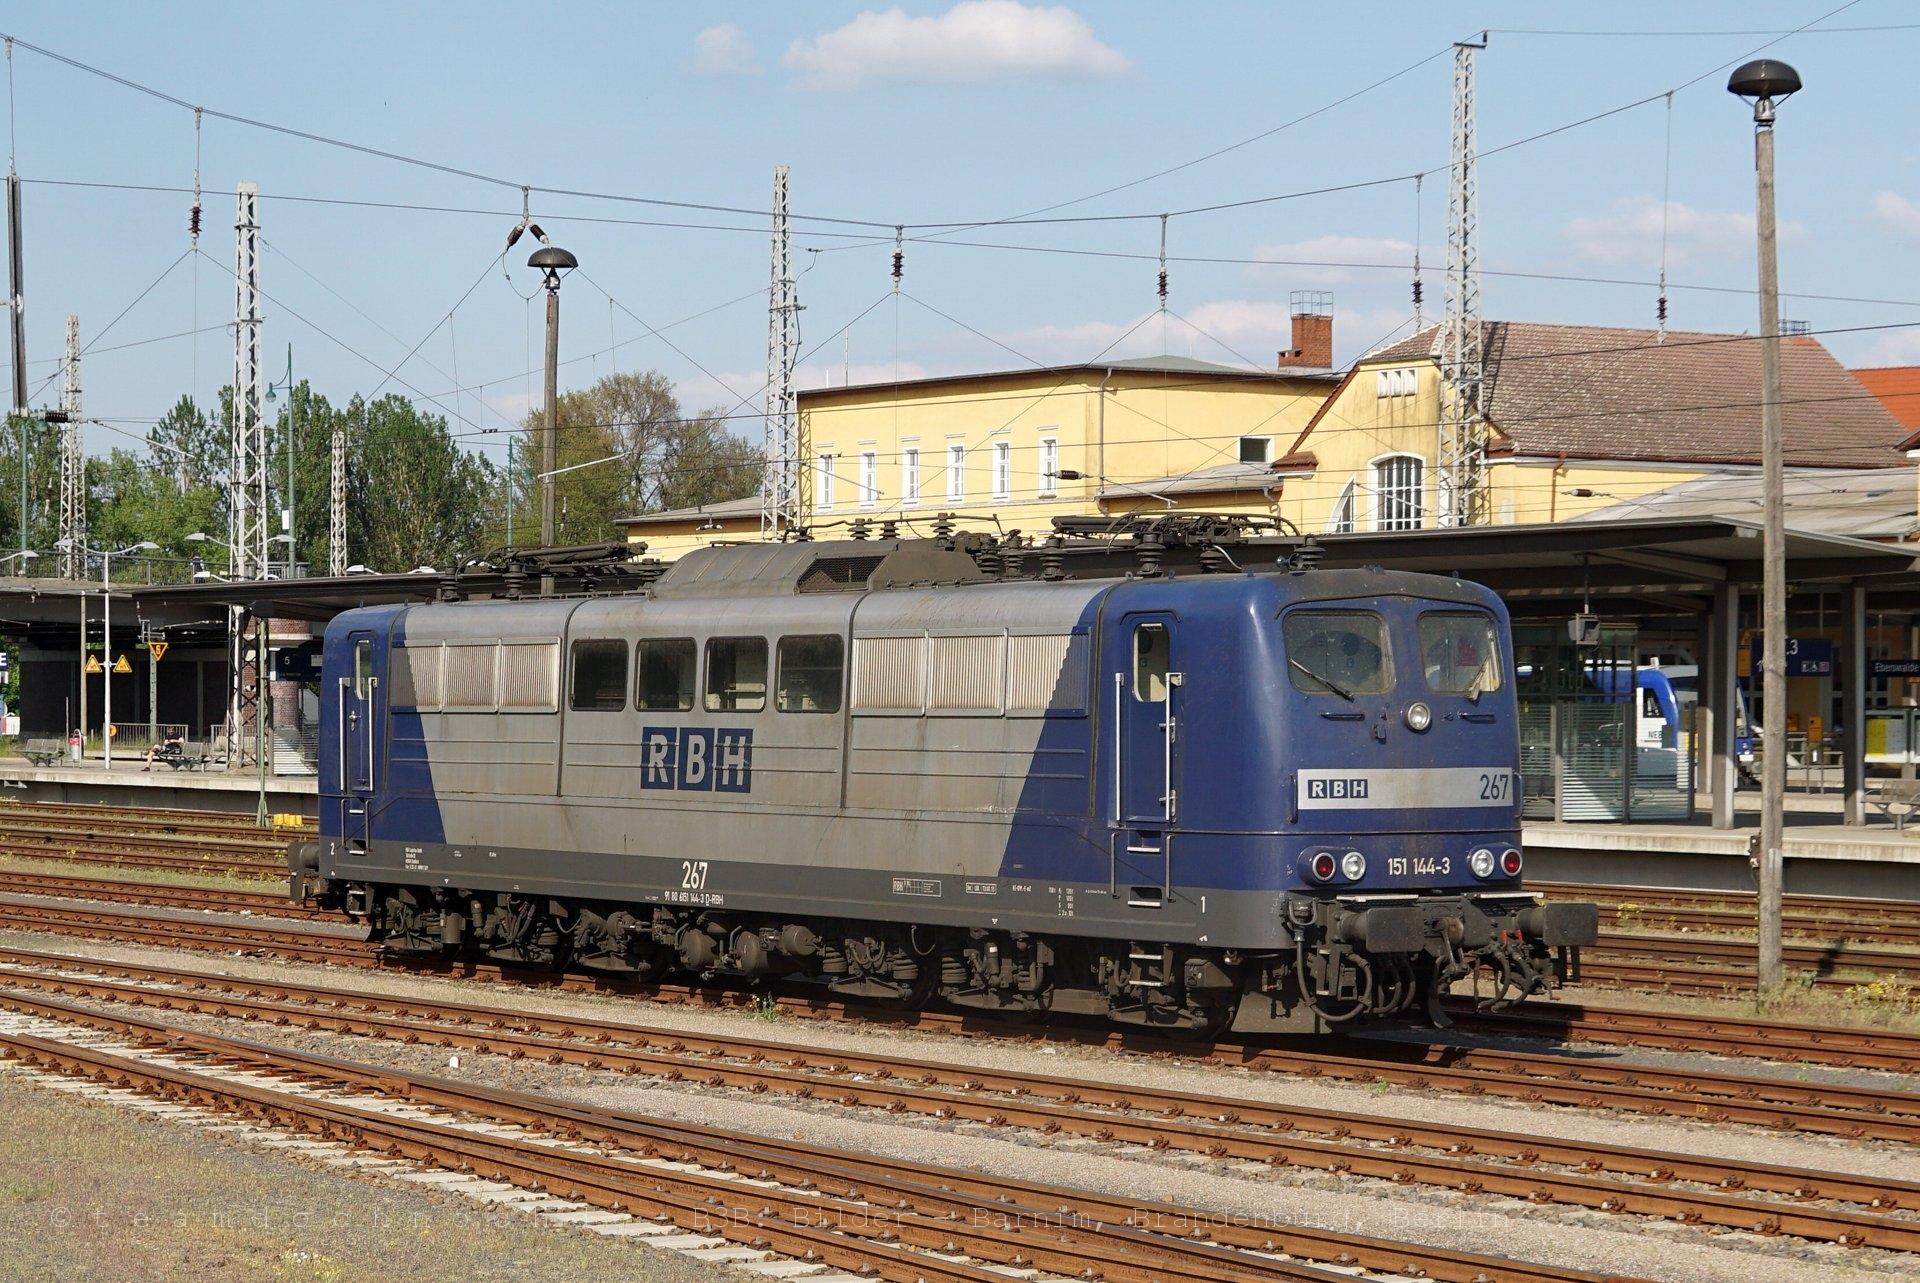 RBH 151 144-3, der Eberswalder Streckenrangierdiesel und ein Zug mit einer 232 der East West Railway